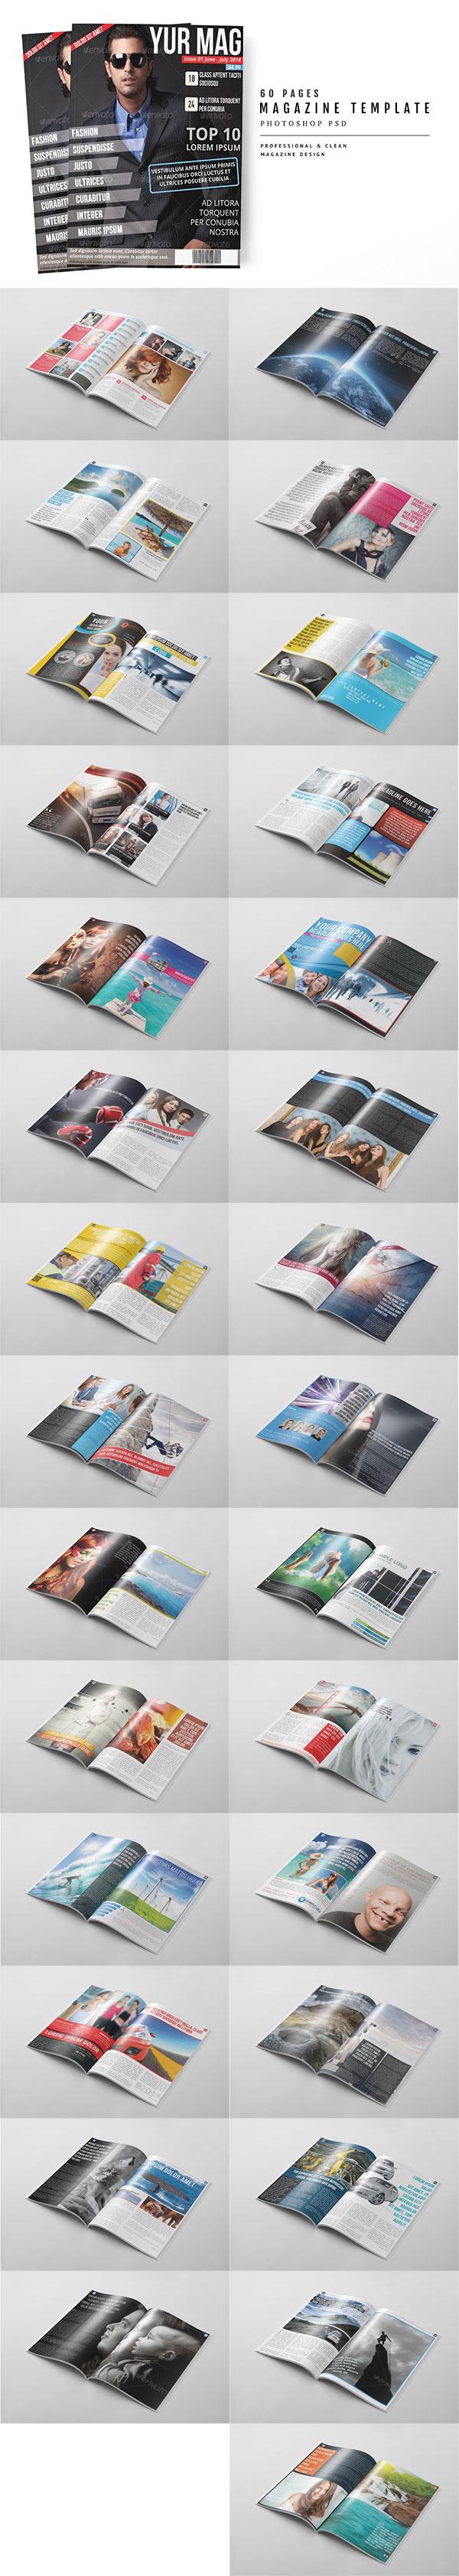 时尚画册杂志模板